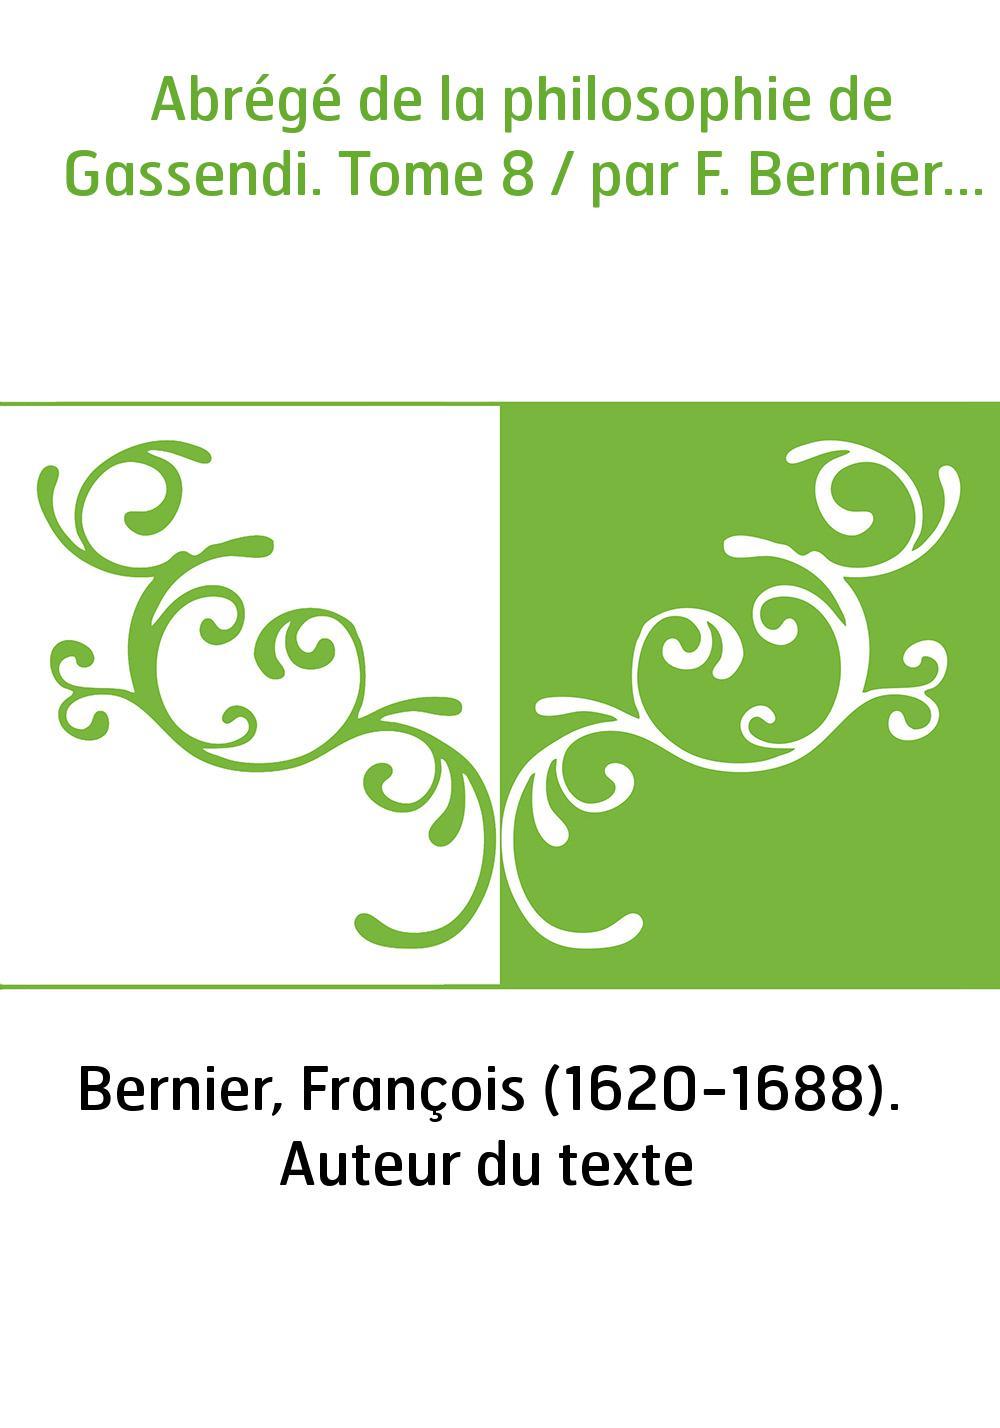 Abrégé de la philosophie de Gassendi. Tome 8 / par F. Bernier...